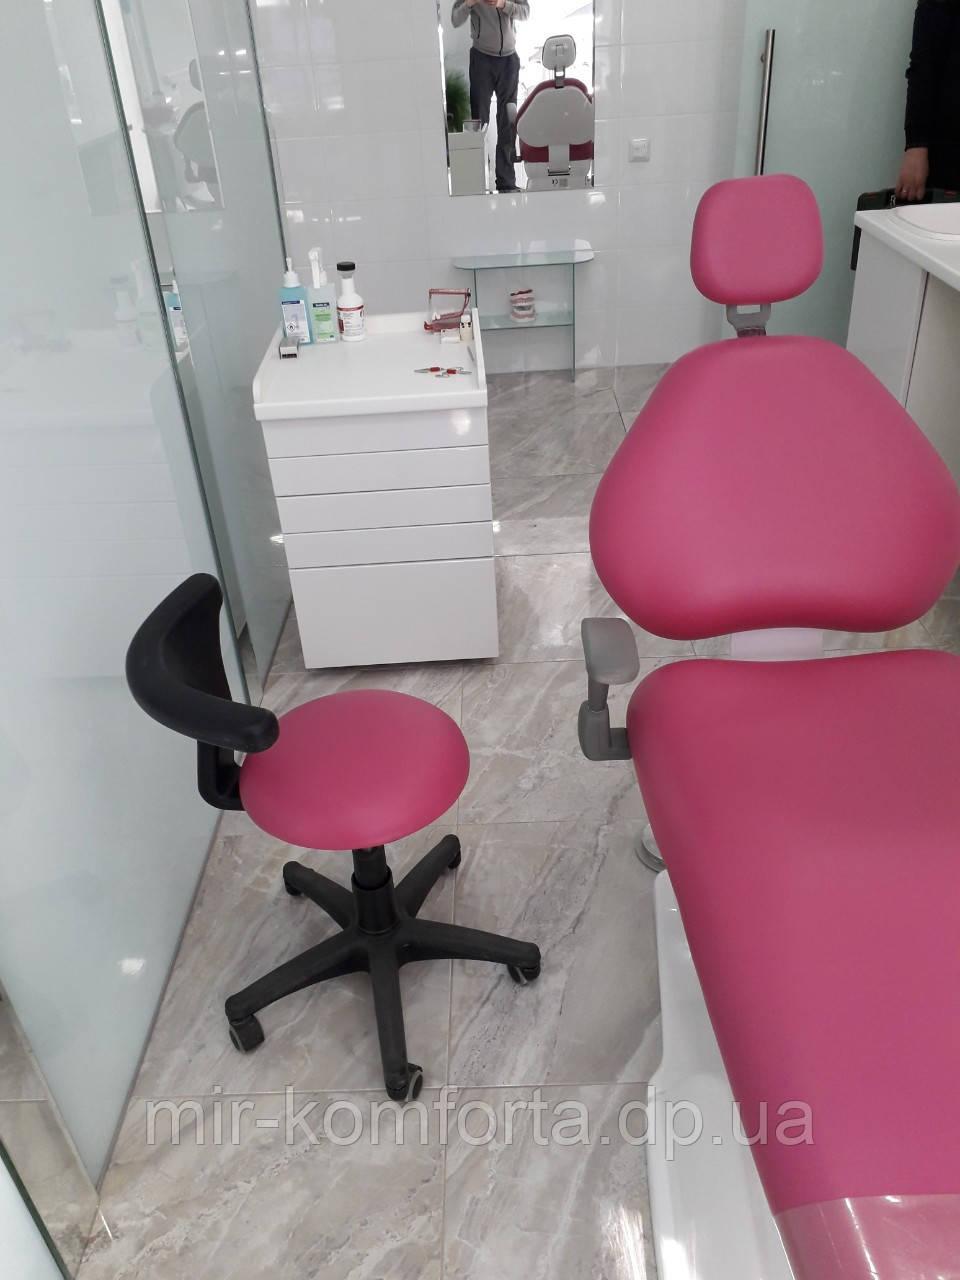 Перетяжка меблів в стомат кабінет Дніпро